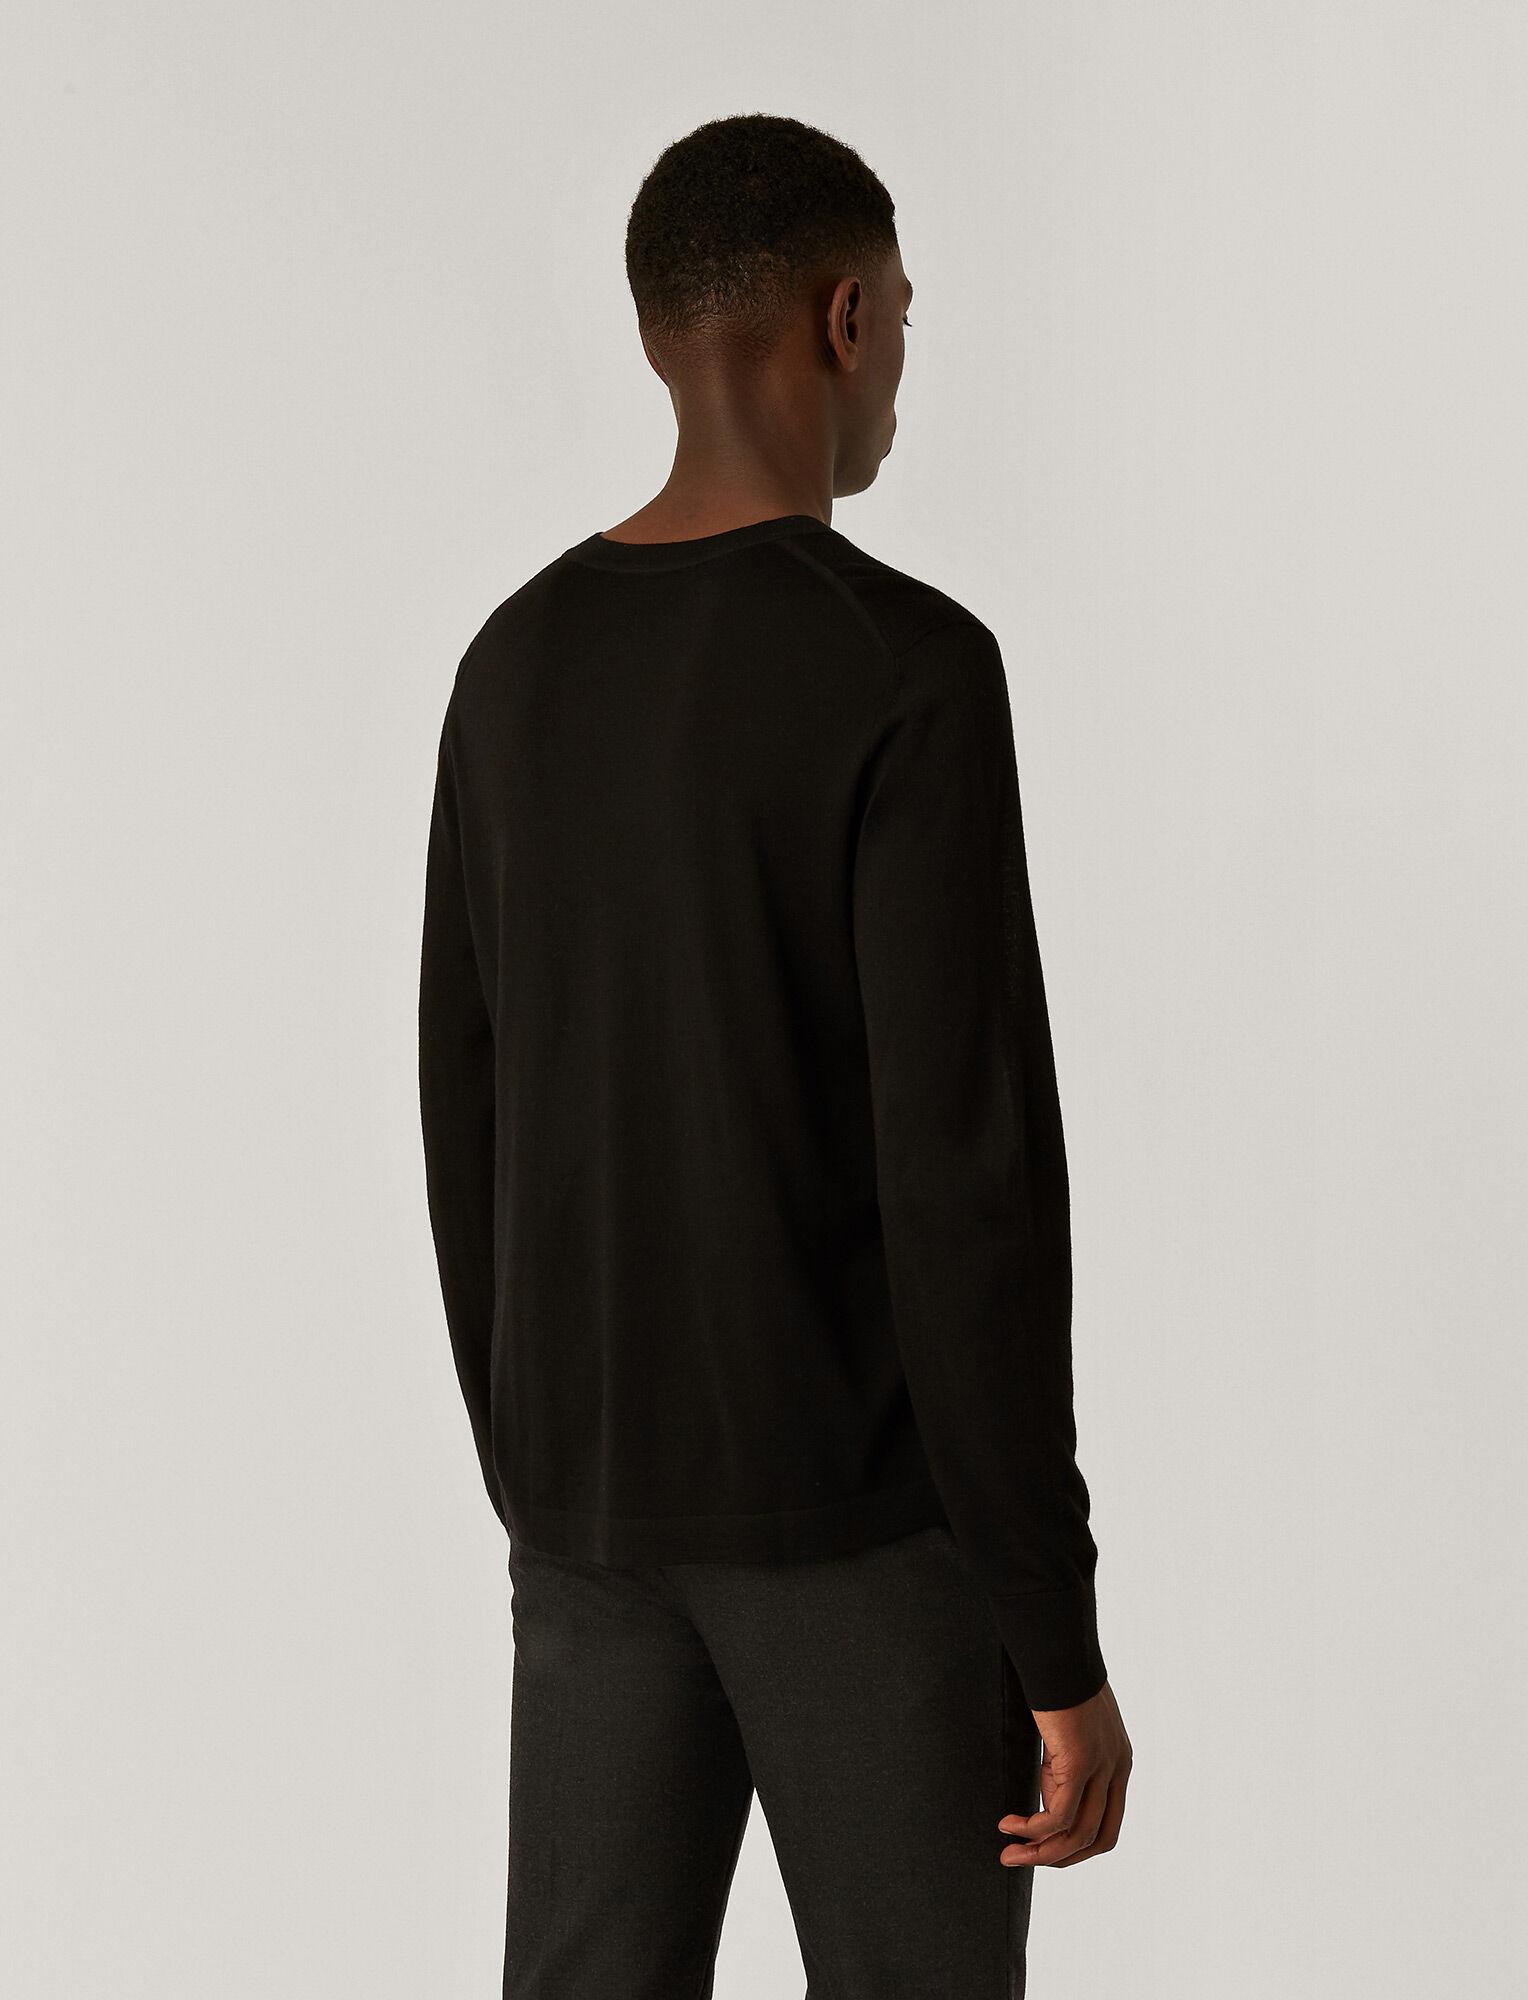 Joseph, Tricot en laine mérinos légère, in BLACK